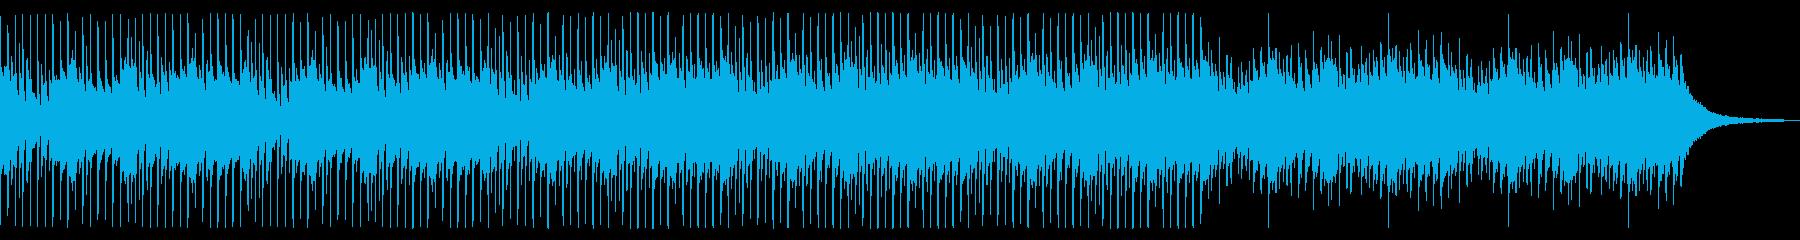 ショートver 未来を創る 先進的の再生済みの波形